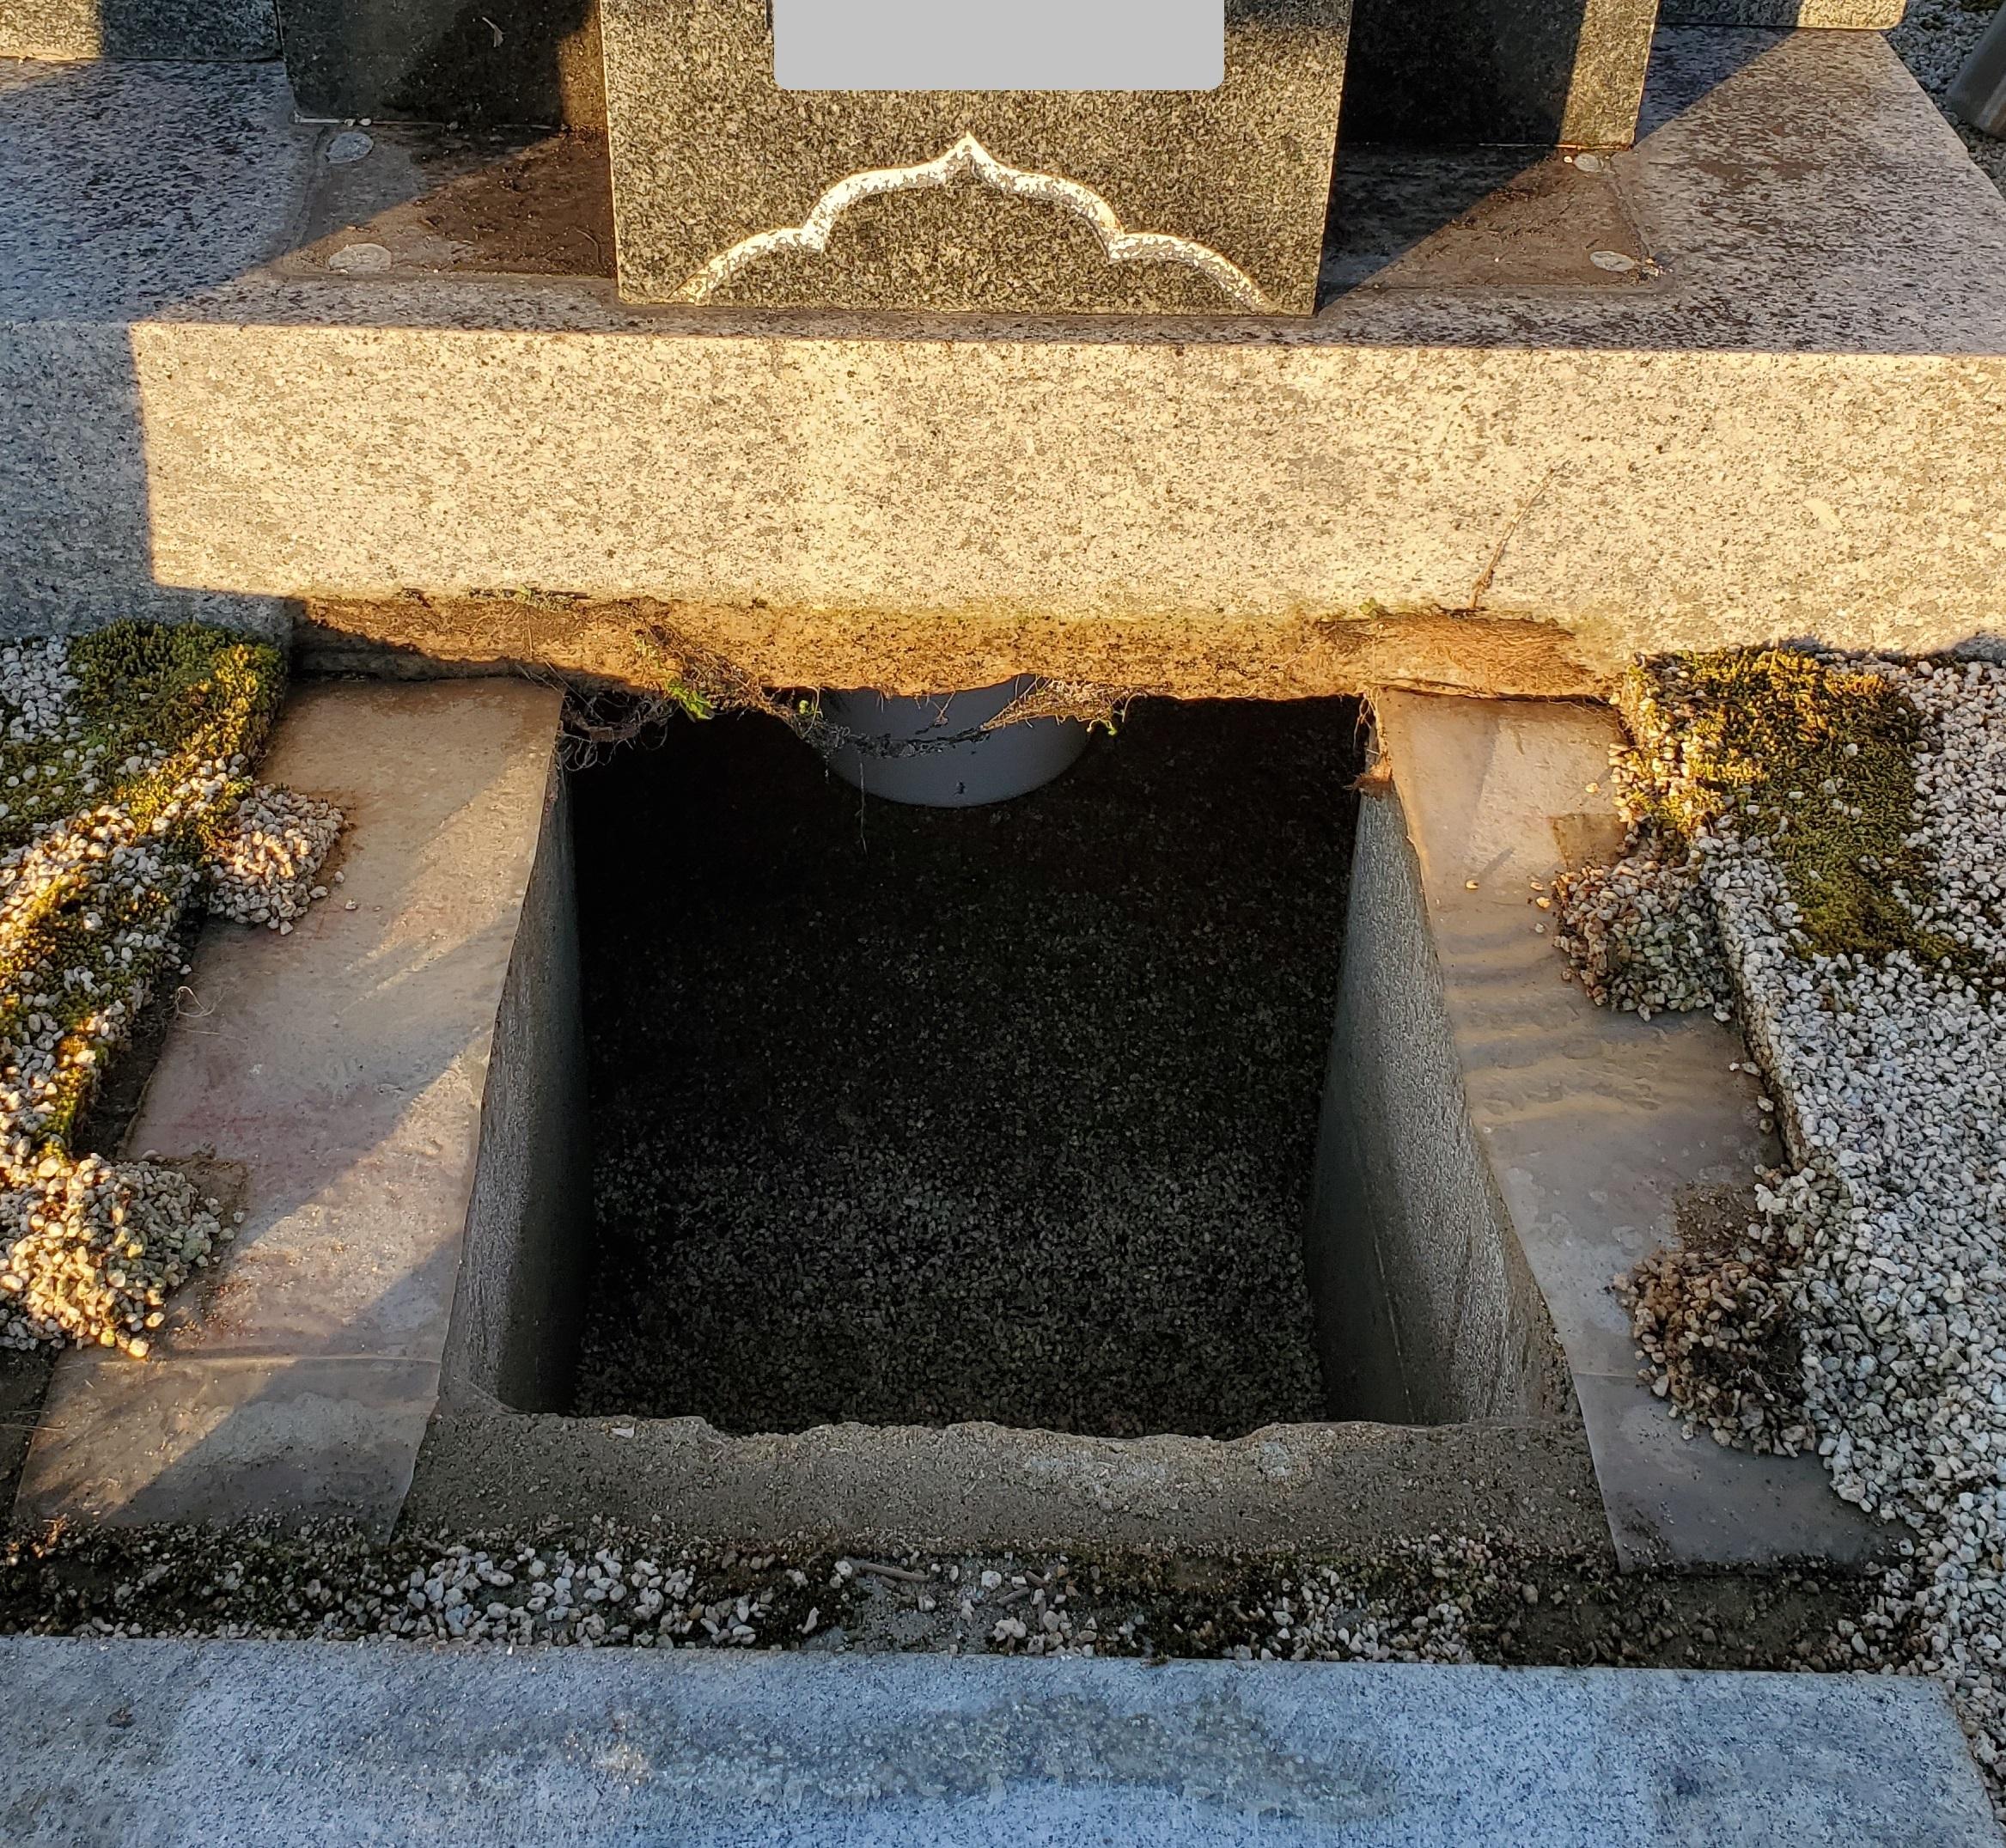 よくある質問シリーズ『1つのお墓には何人まで入れるの??』